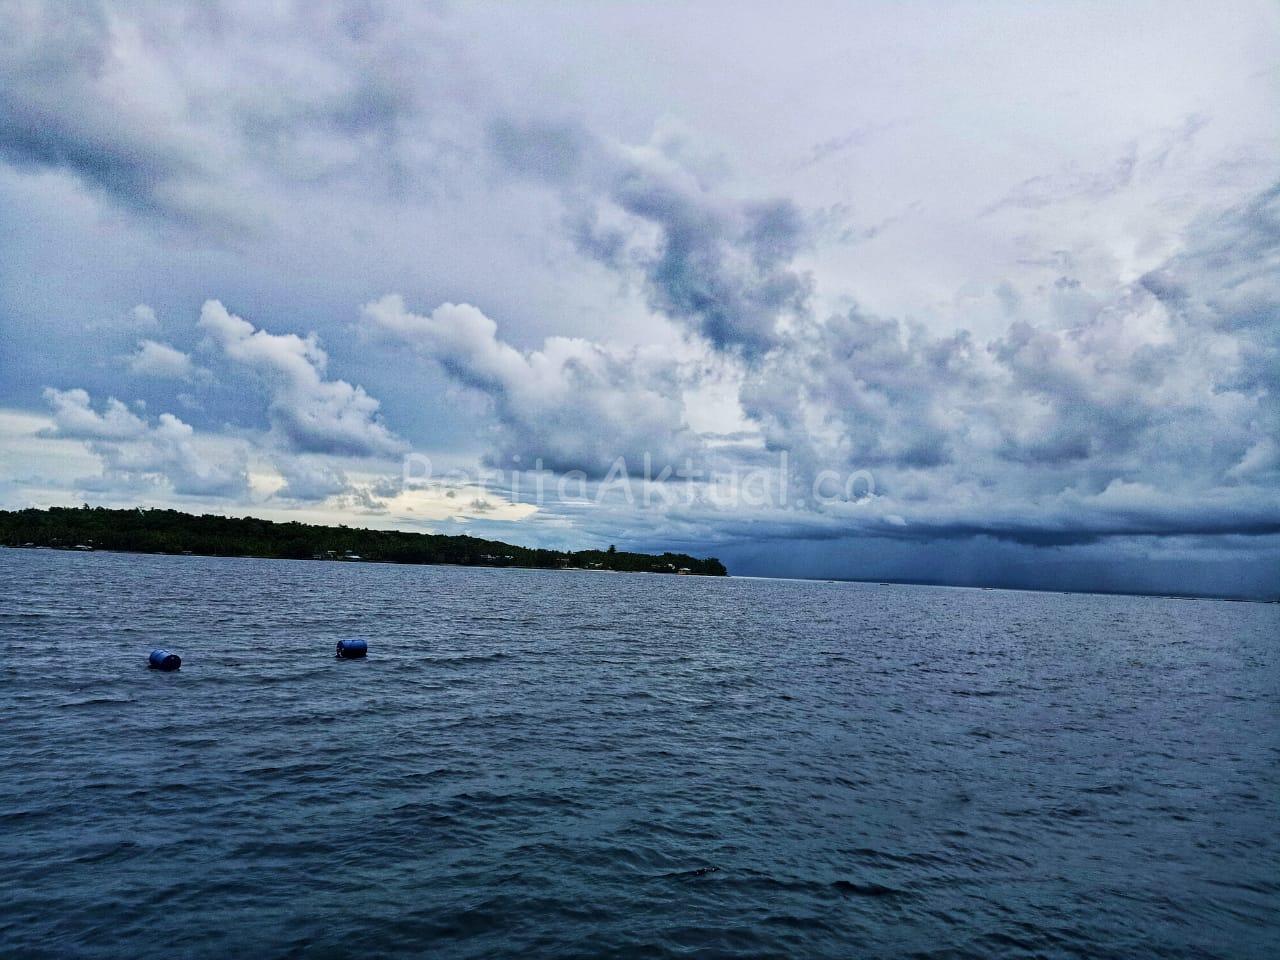 BMKG Keluarkan Peringatan Dini Cuaca Extrim di Perairan Manokwari, Raja Ampat Dan Sorong 2 IMG 20200806 WA0028